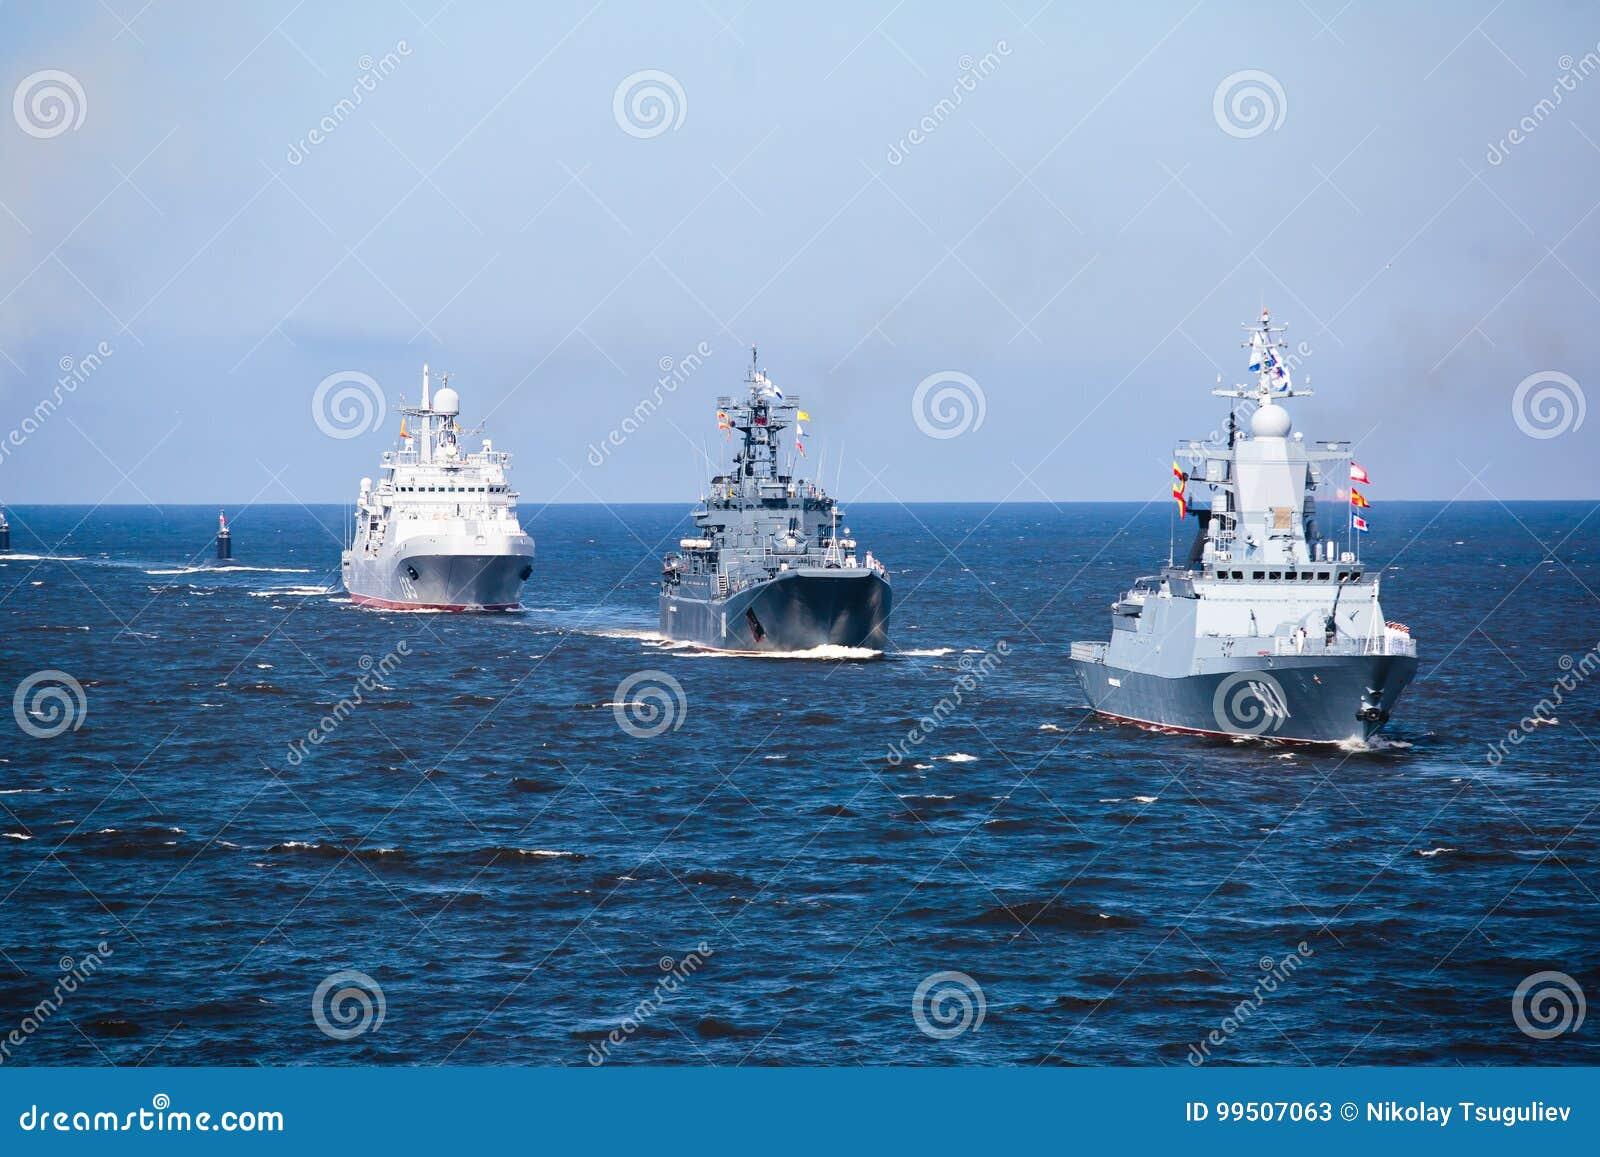 Een lijn van moderne Russische militaire zeeslagschepenoorlogsschepen in de rij, de noordelijke vloot en de Oostzeevloot in de op